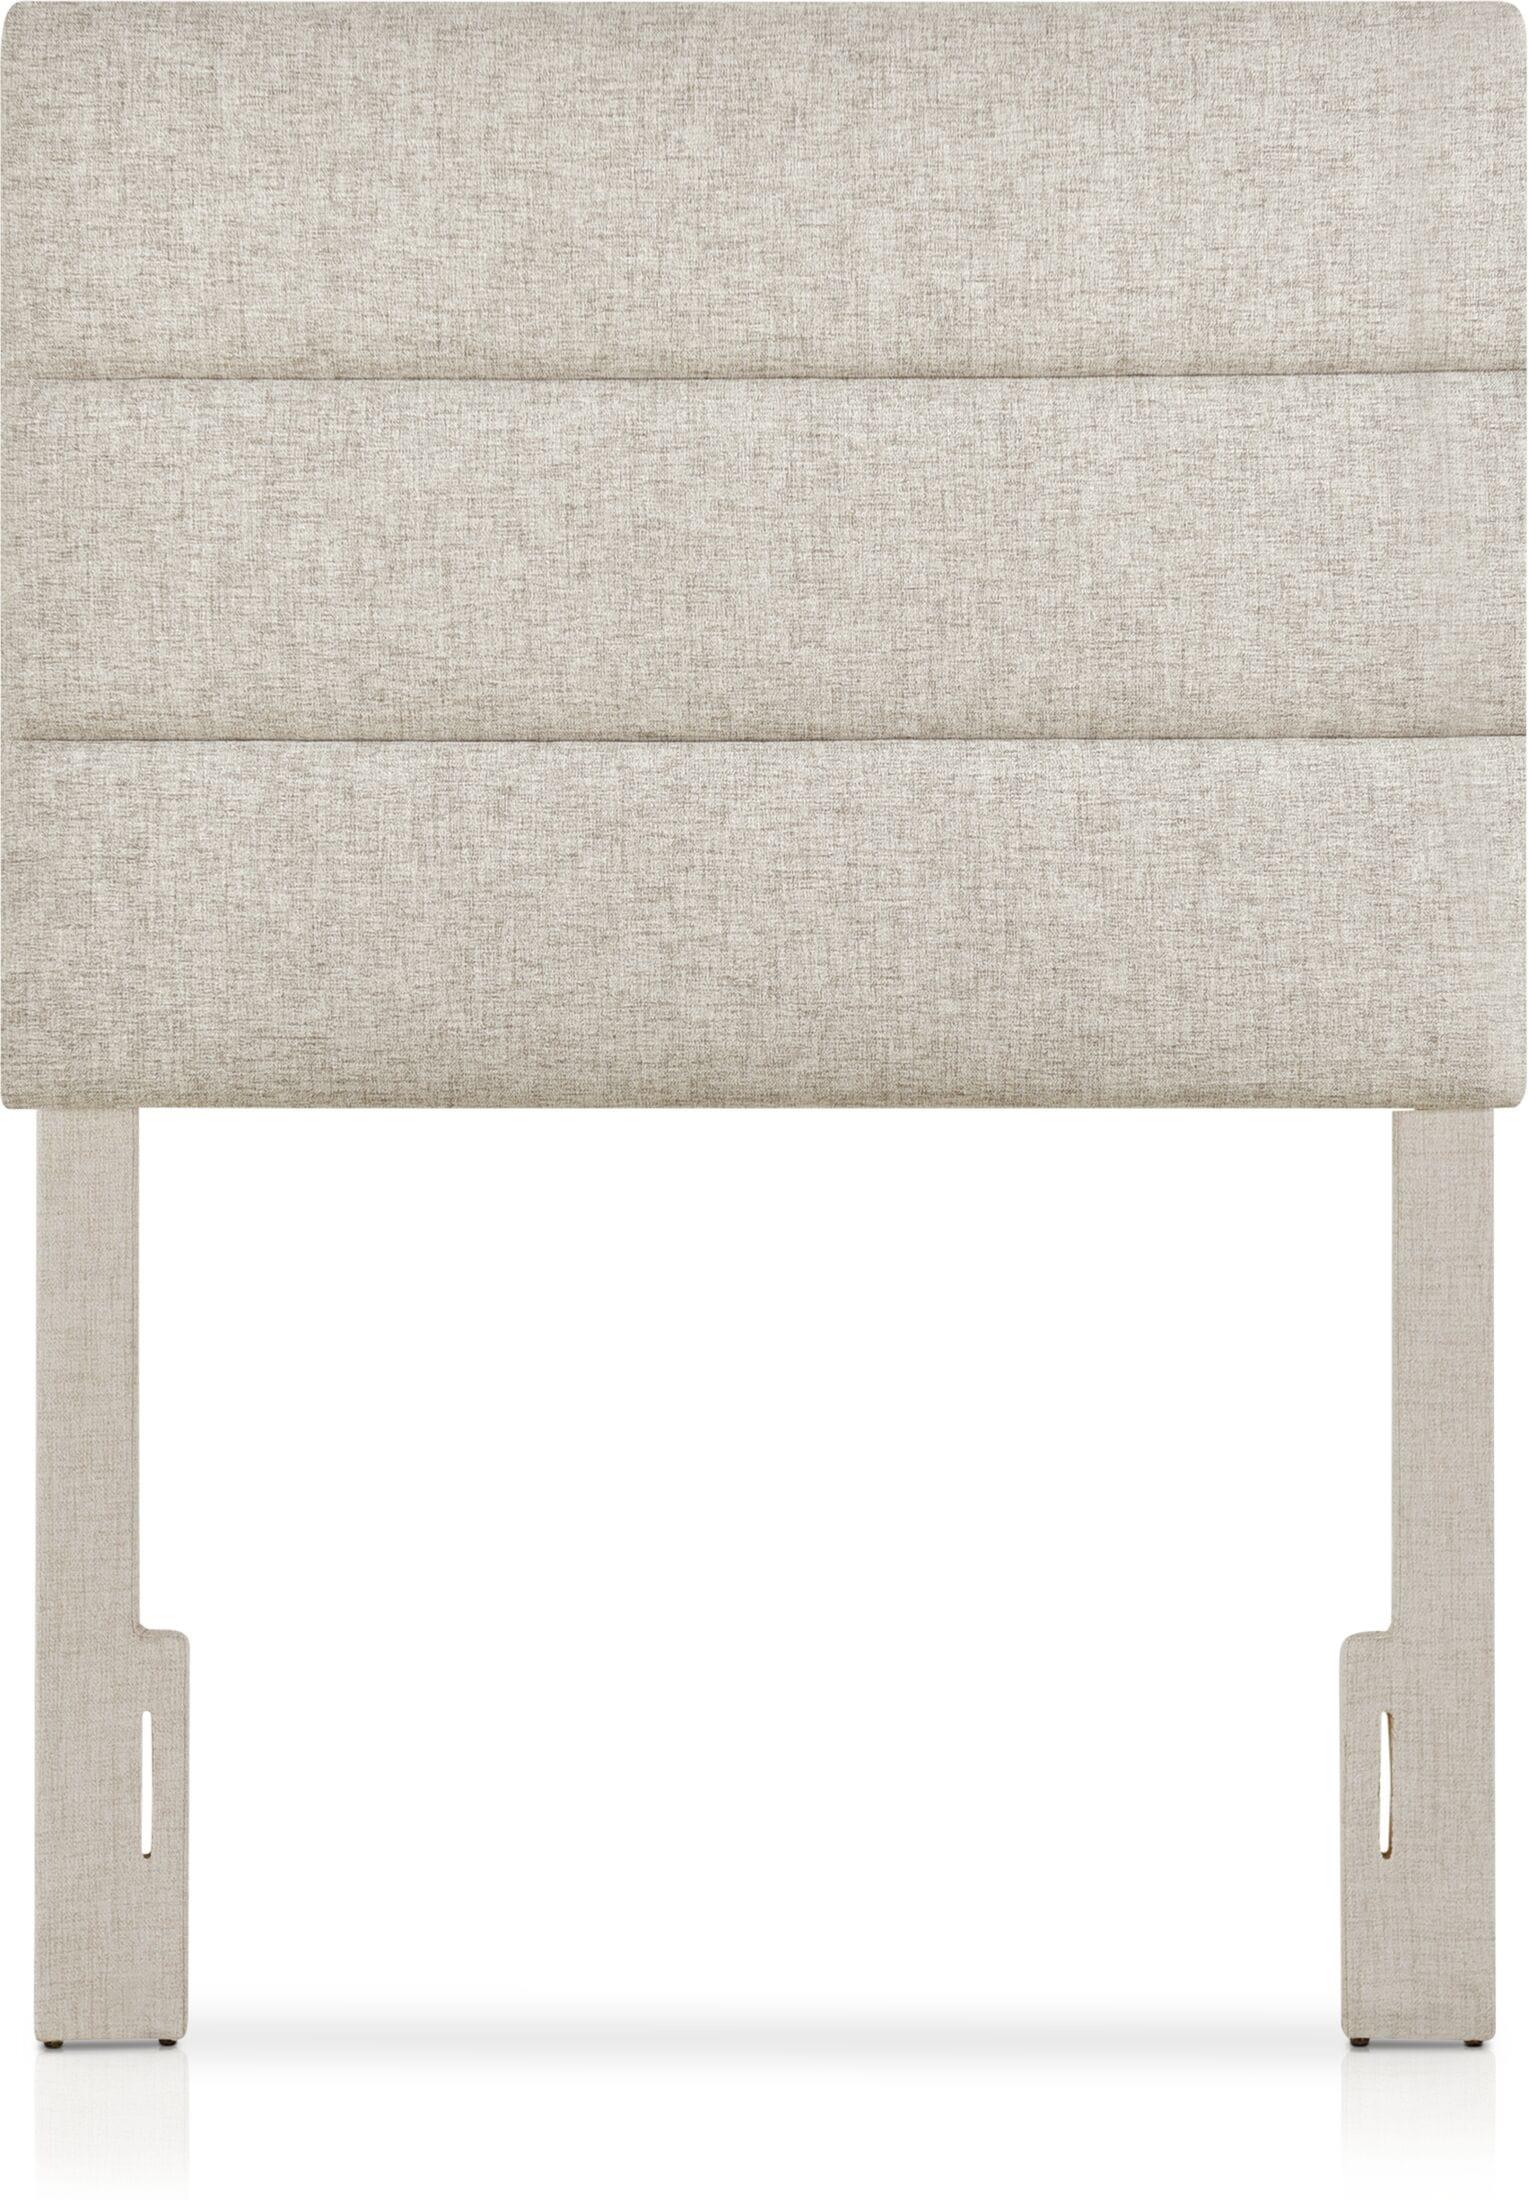 Bedroom Furniture - Wren Upholstered Headboard